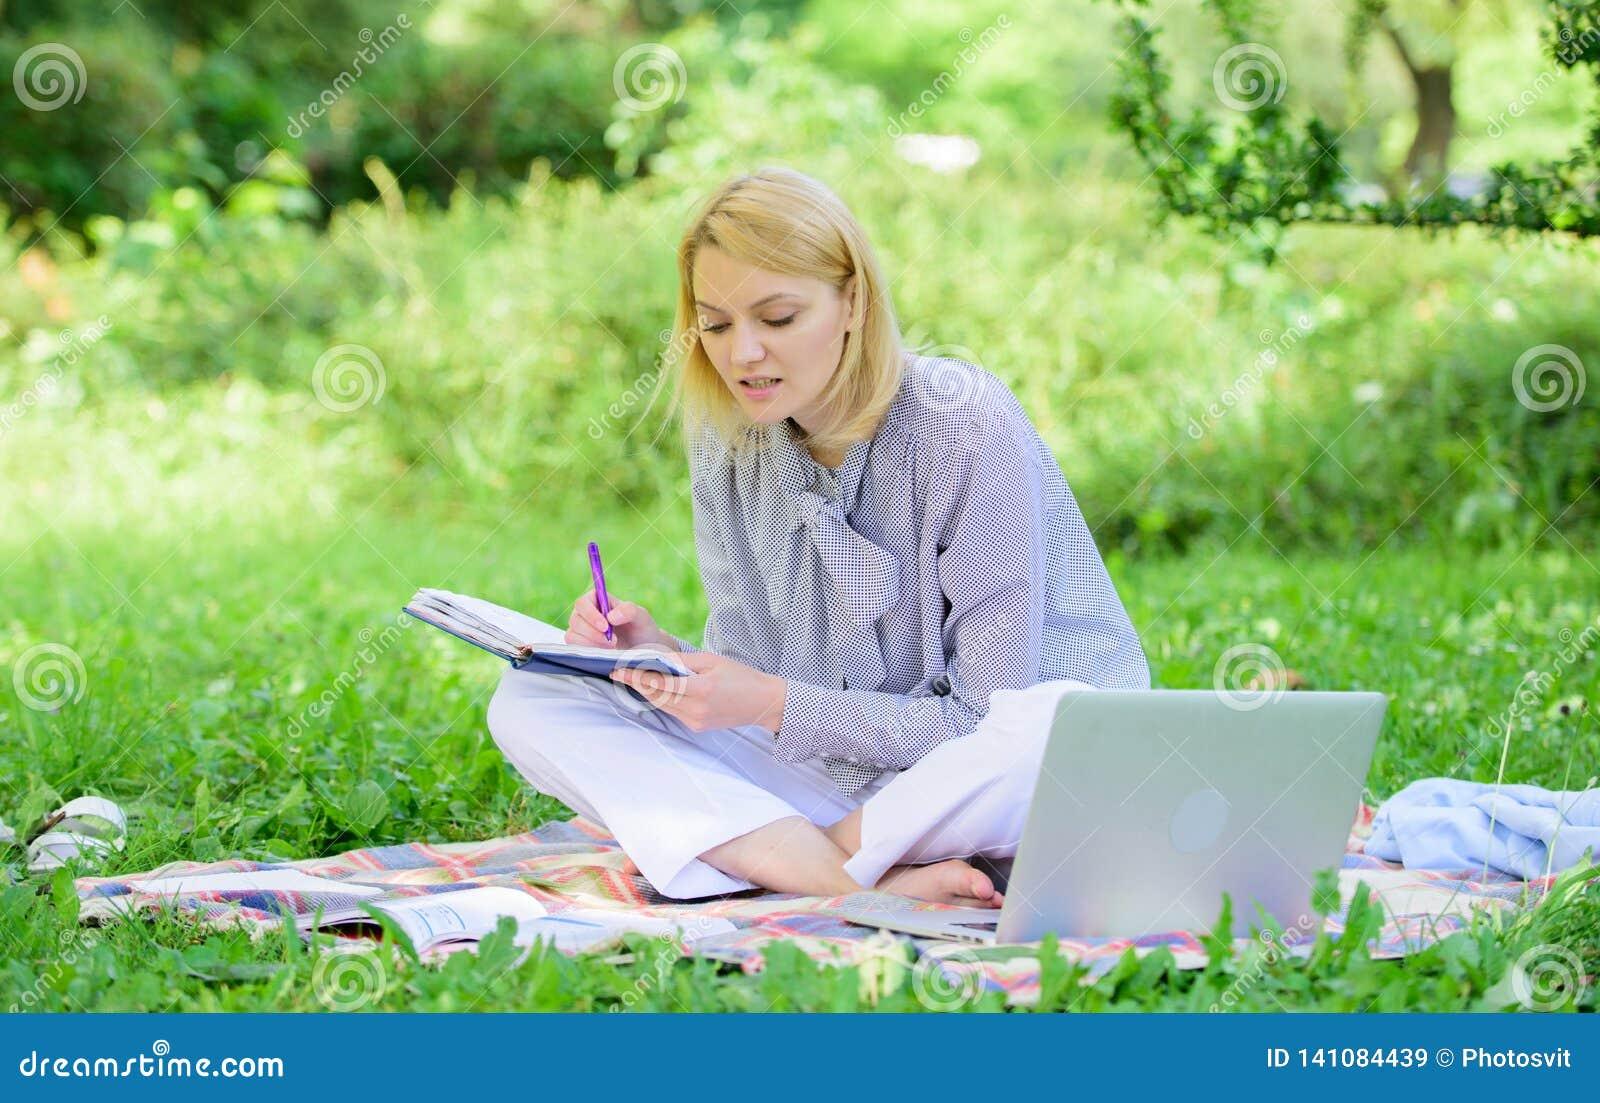 Οδηγός που αρχίζει την ανεξάρτητη σταδιοδρομία Ανεξάρτητη εργασία επιχειρησιακής κυρίας υπαίθρια Γίνετε επιτυχές freelancer γυναί